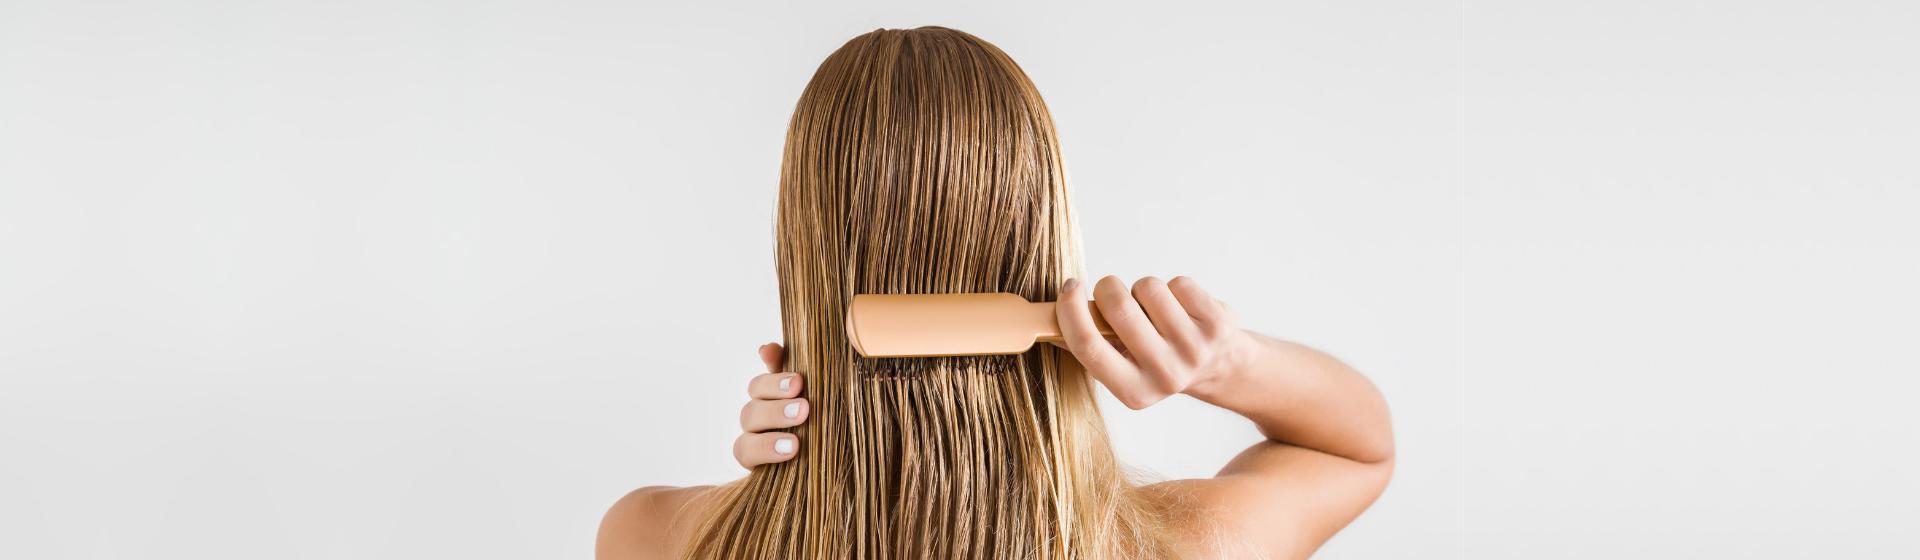 Por que você não deveria lavar o cabelo todo dia?